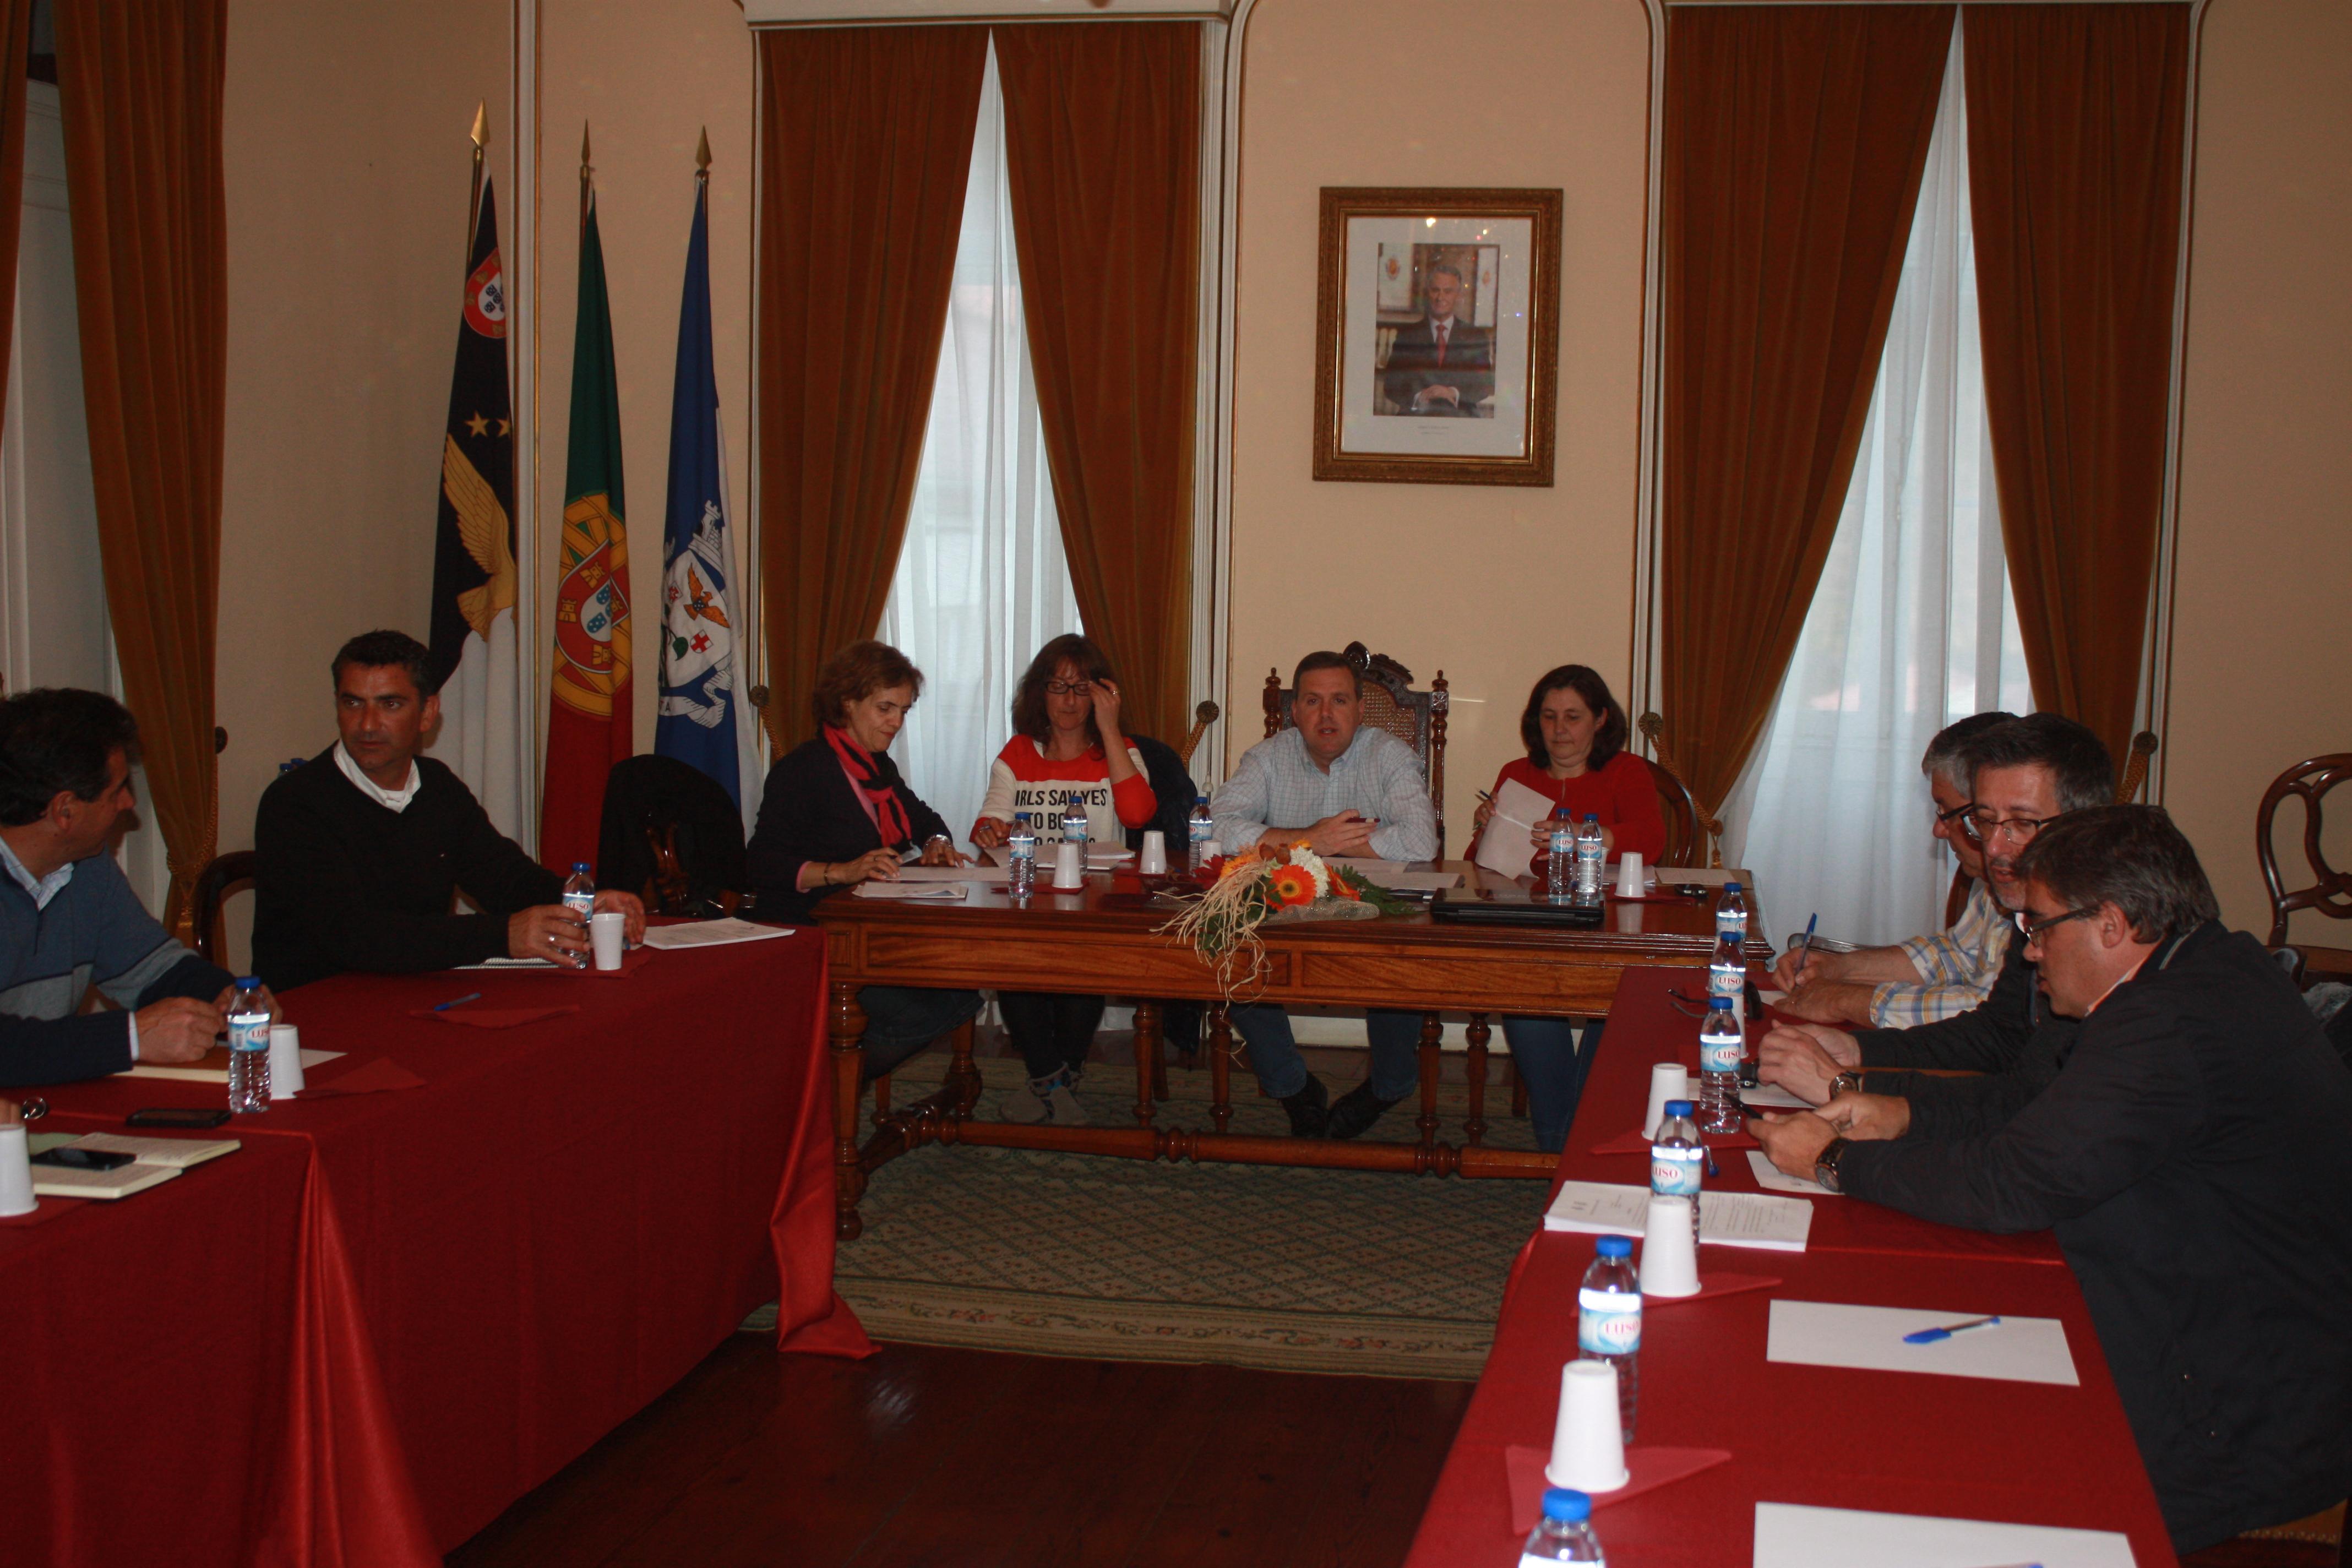 Conselho de Ilha, com nova mesa, prepara memorando para visita estatutária do Governo Regional (c/áudio)